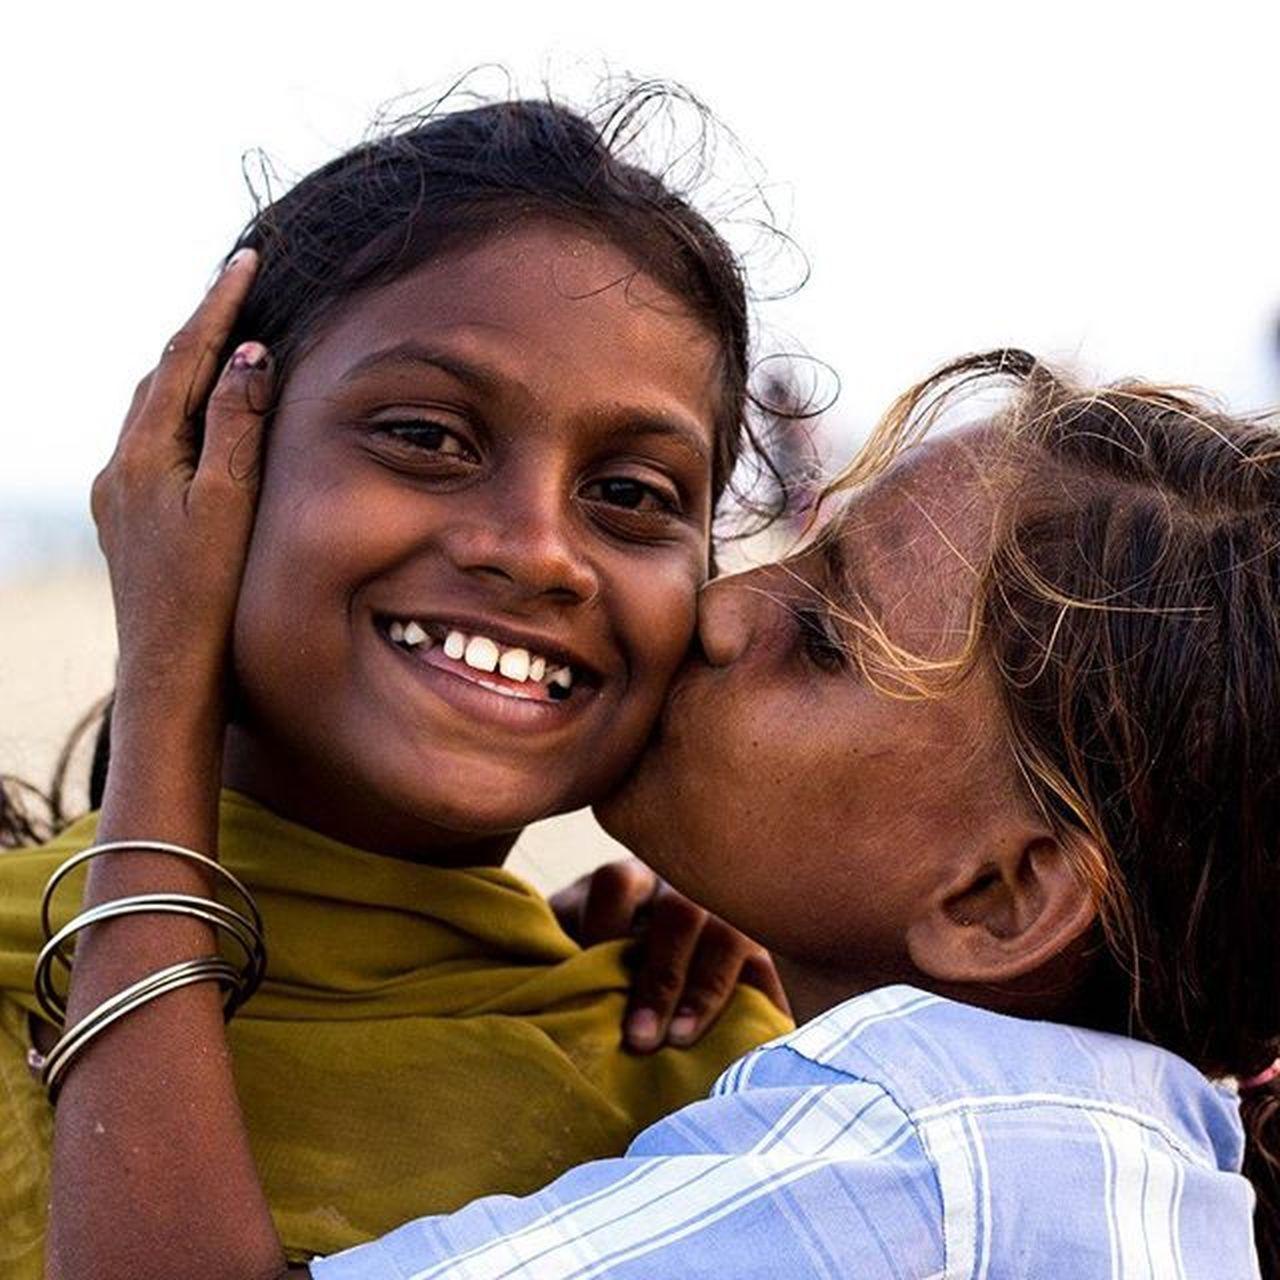 love, togetherness, bonding, smiling, embracing